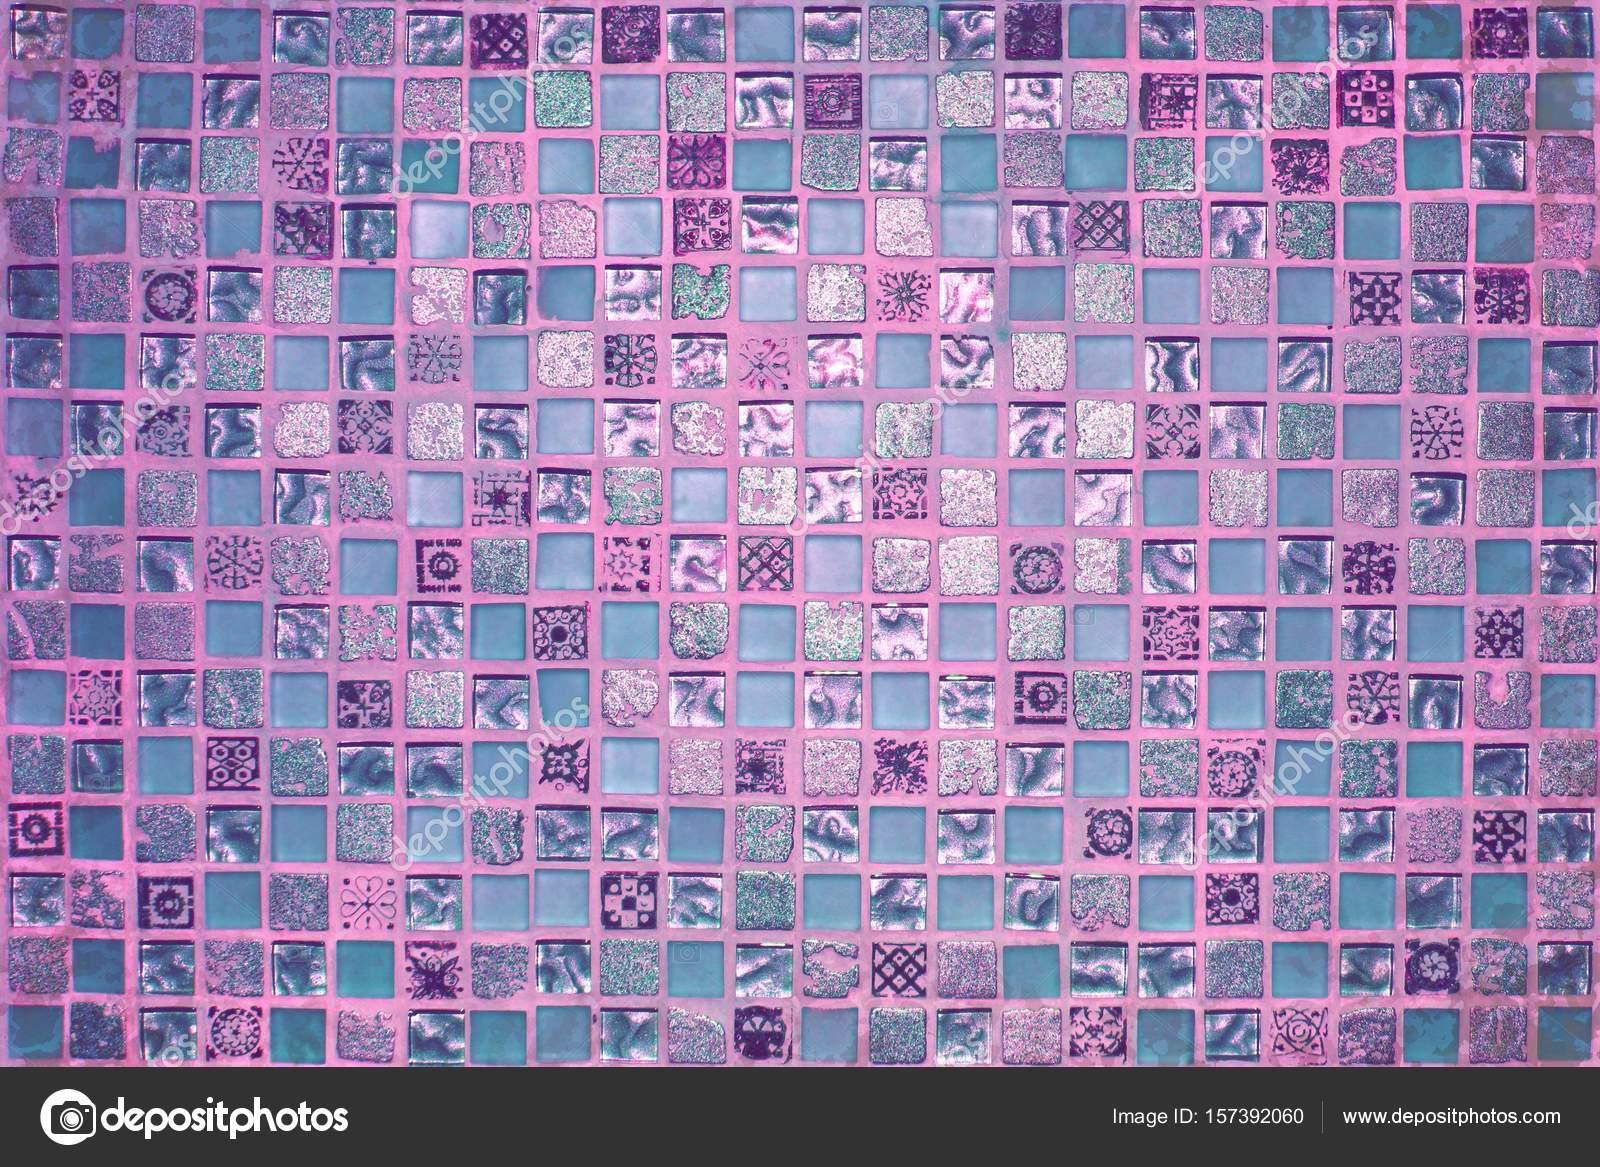 Rosa Im Alter Von Kleinen Mosaikfliesen Stockfoto C Anton Medvedev